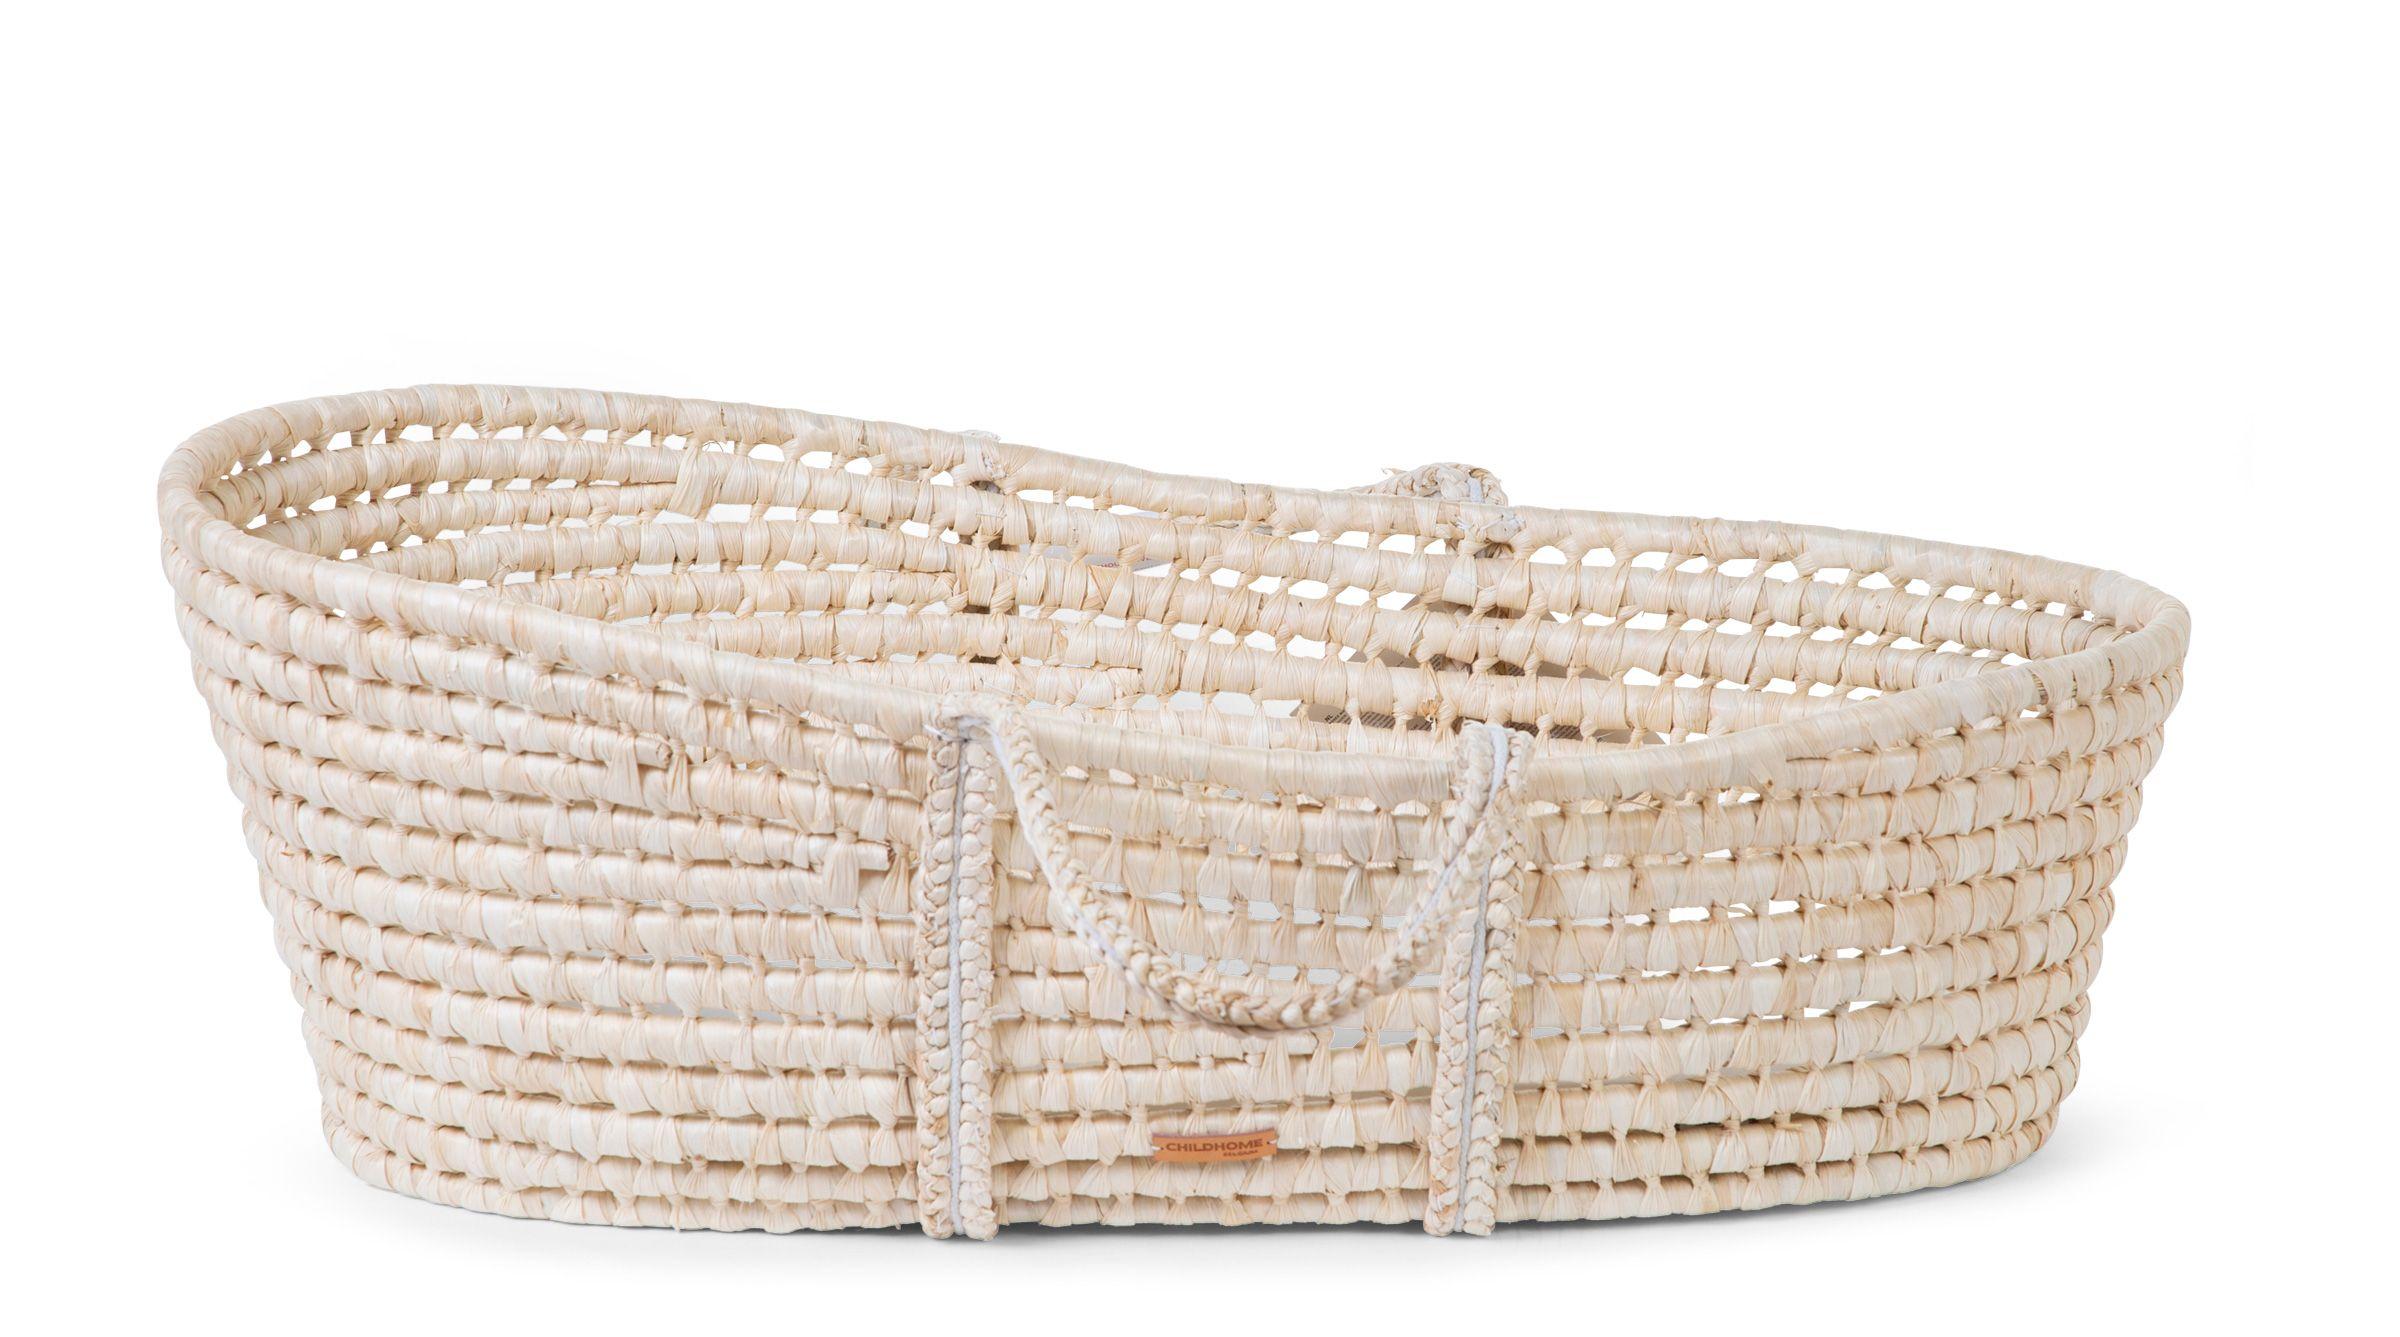 Košík pre bábätko Natural + matrac